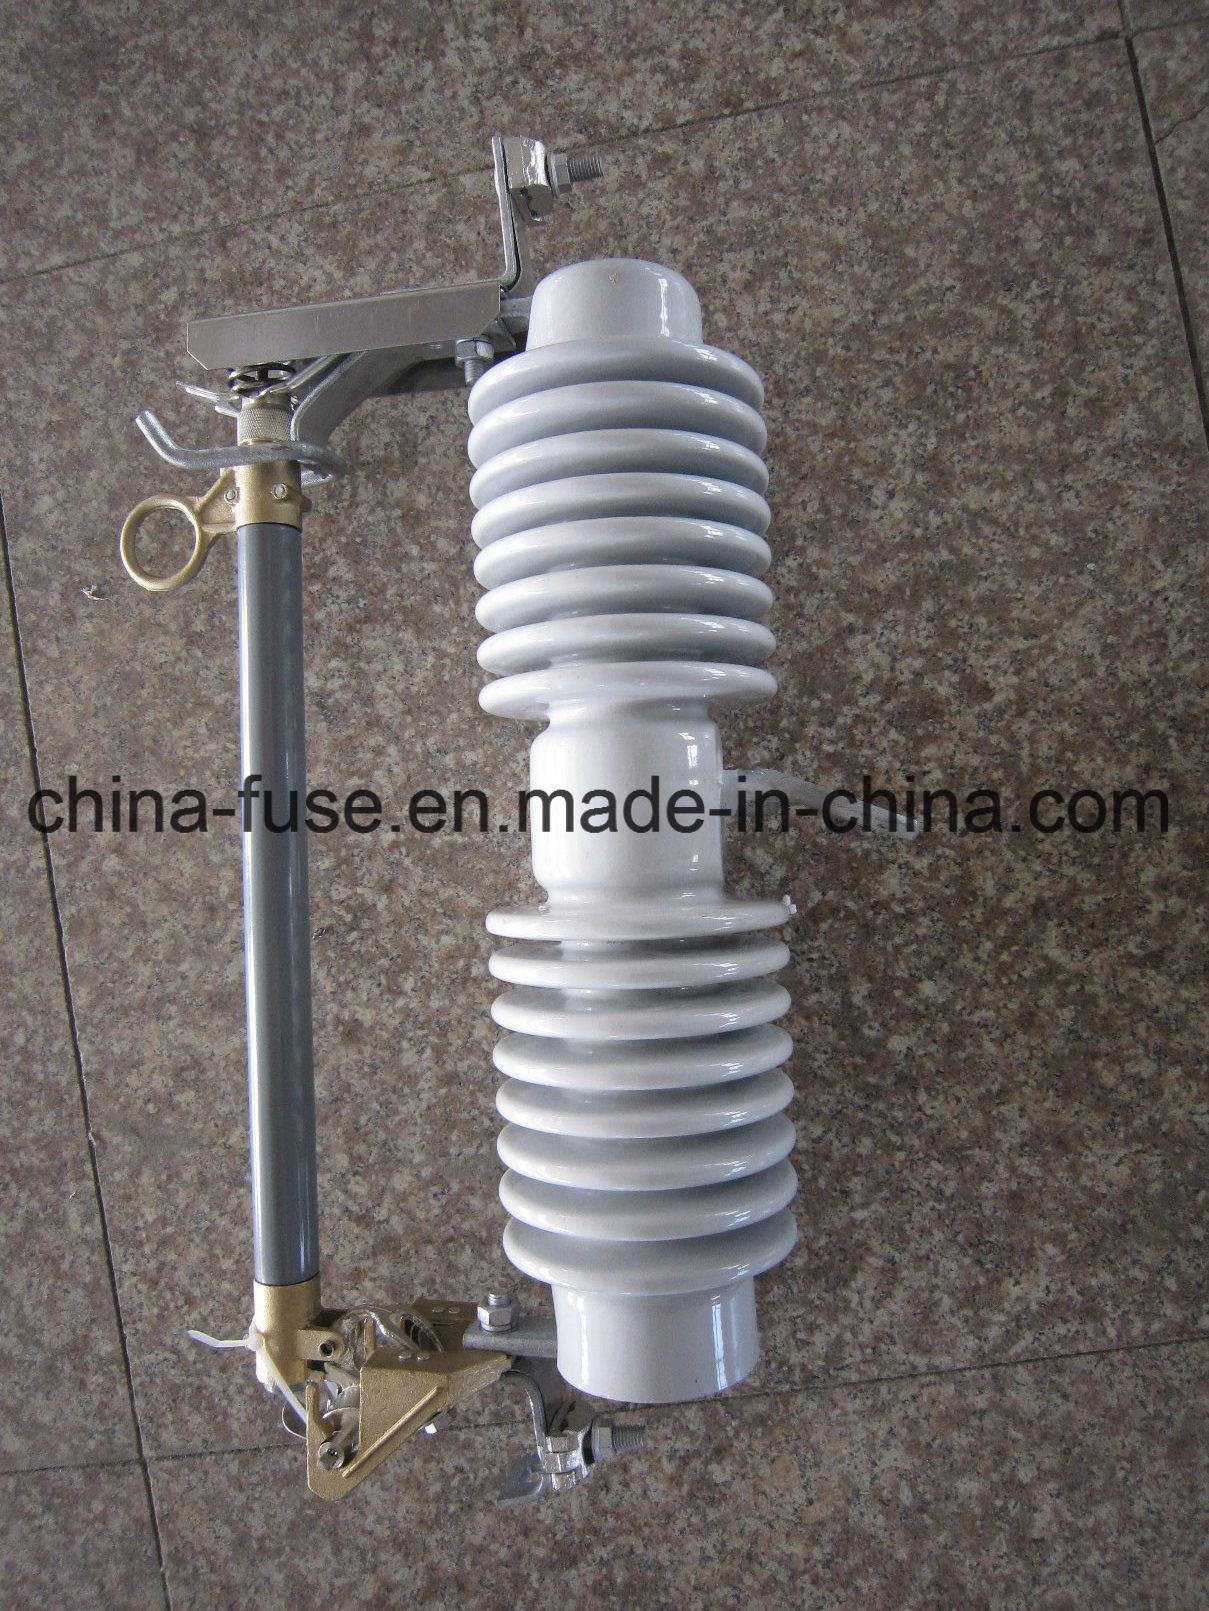 High Voltage Porcelain Fuse Cutout, Drop out Fuse 33kv 100A